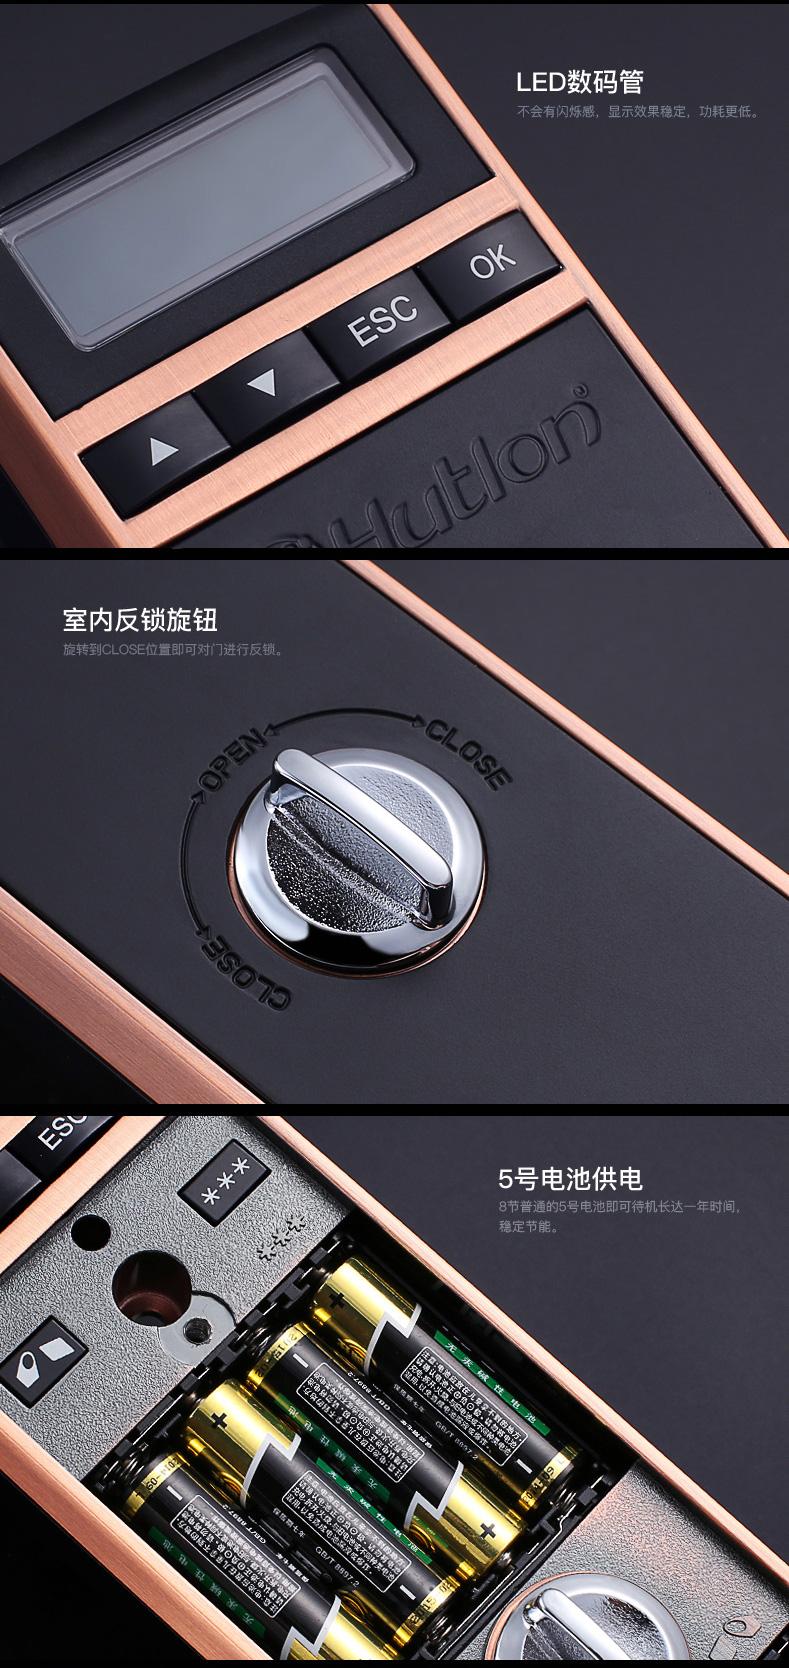 汇泰龙HZ-69002_10.jpg